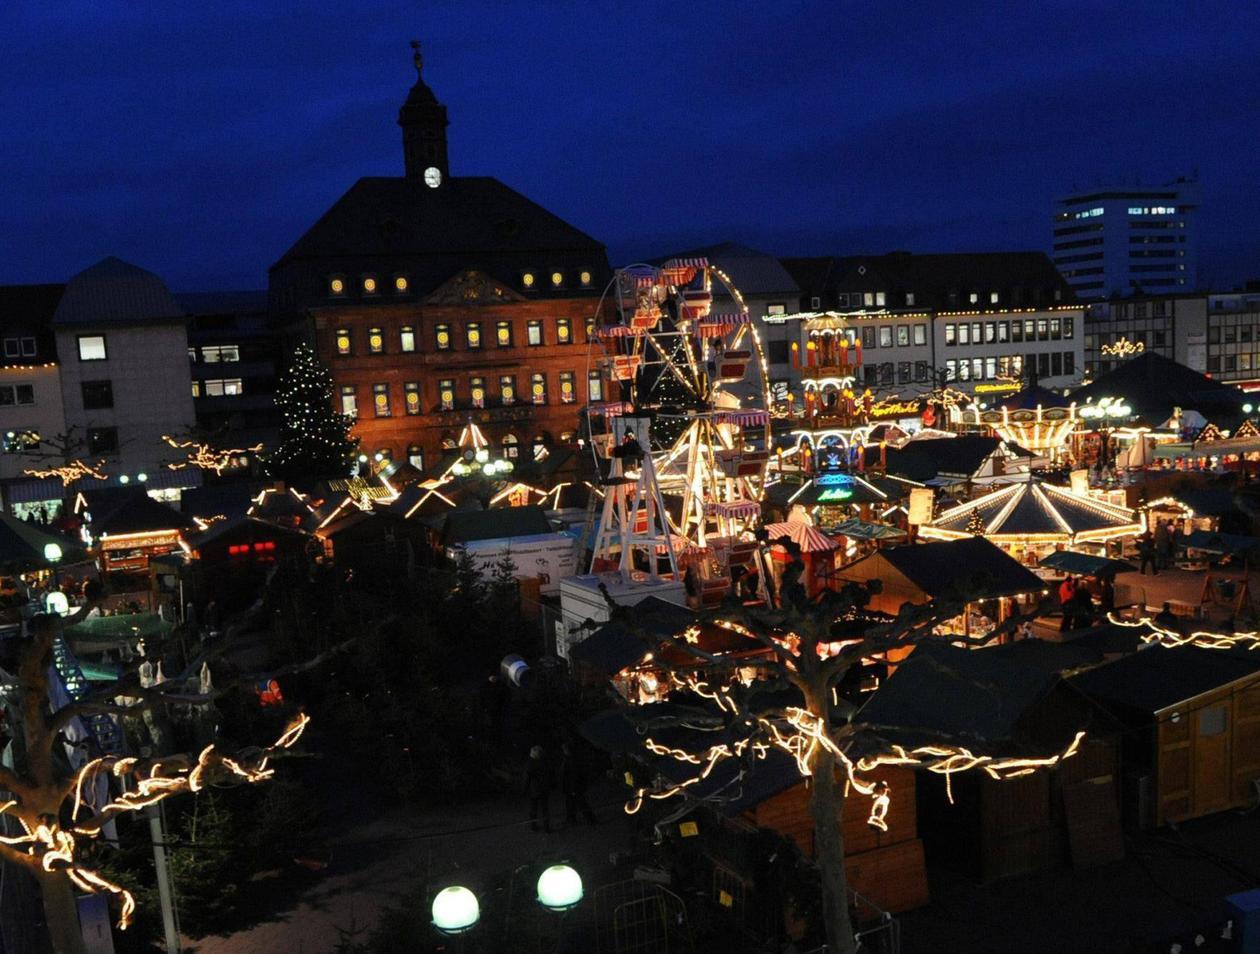 Weihnachtsmarkt Hanau.Weihnachtsmarkt Auf Marktplatz Hanau